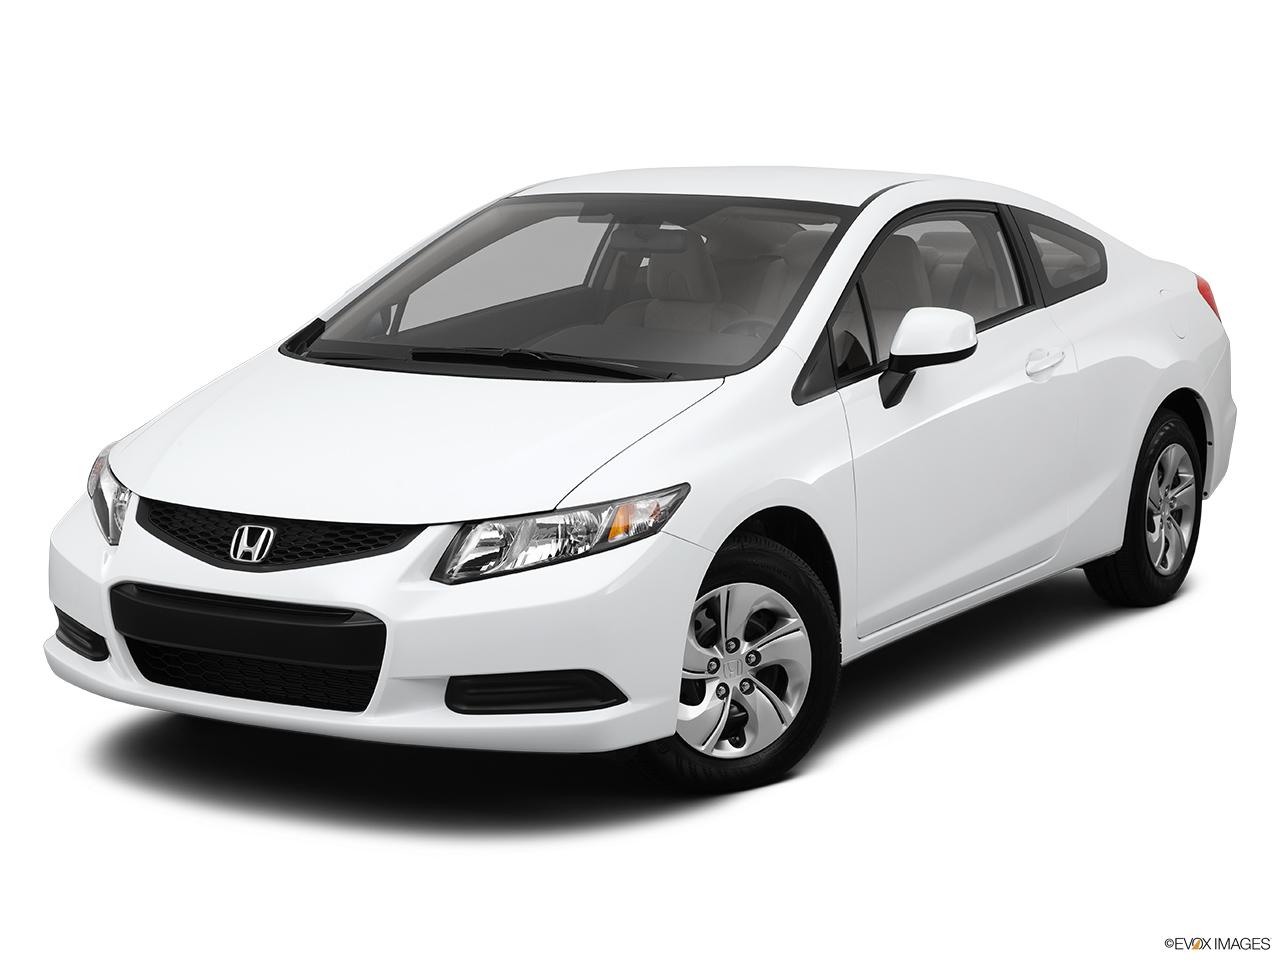 2013 Honda Civic Cpe 2dr Manual LX - Front angle view